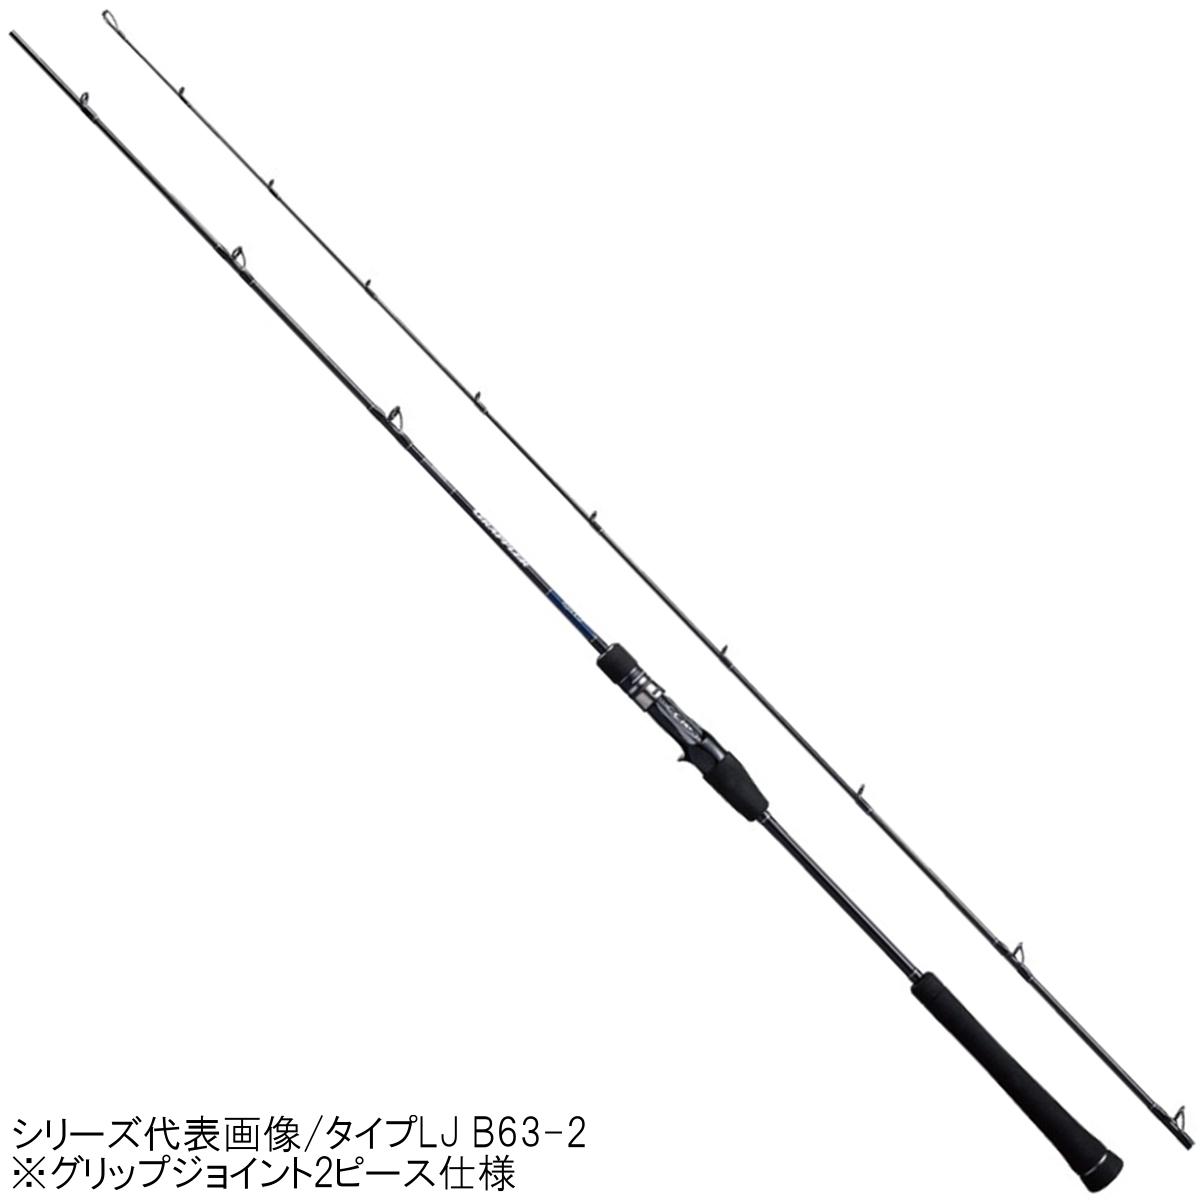 シマノ グラップラー タイプLJ B66-0【大型商品】【送料無料】